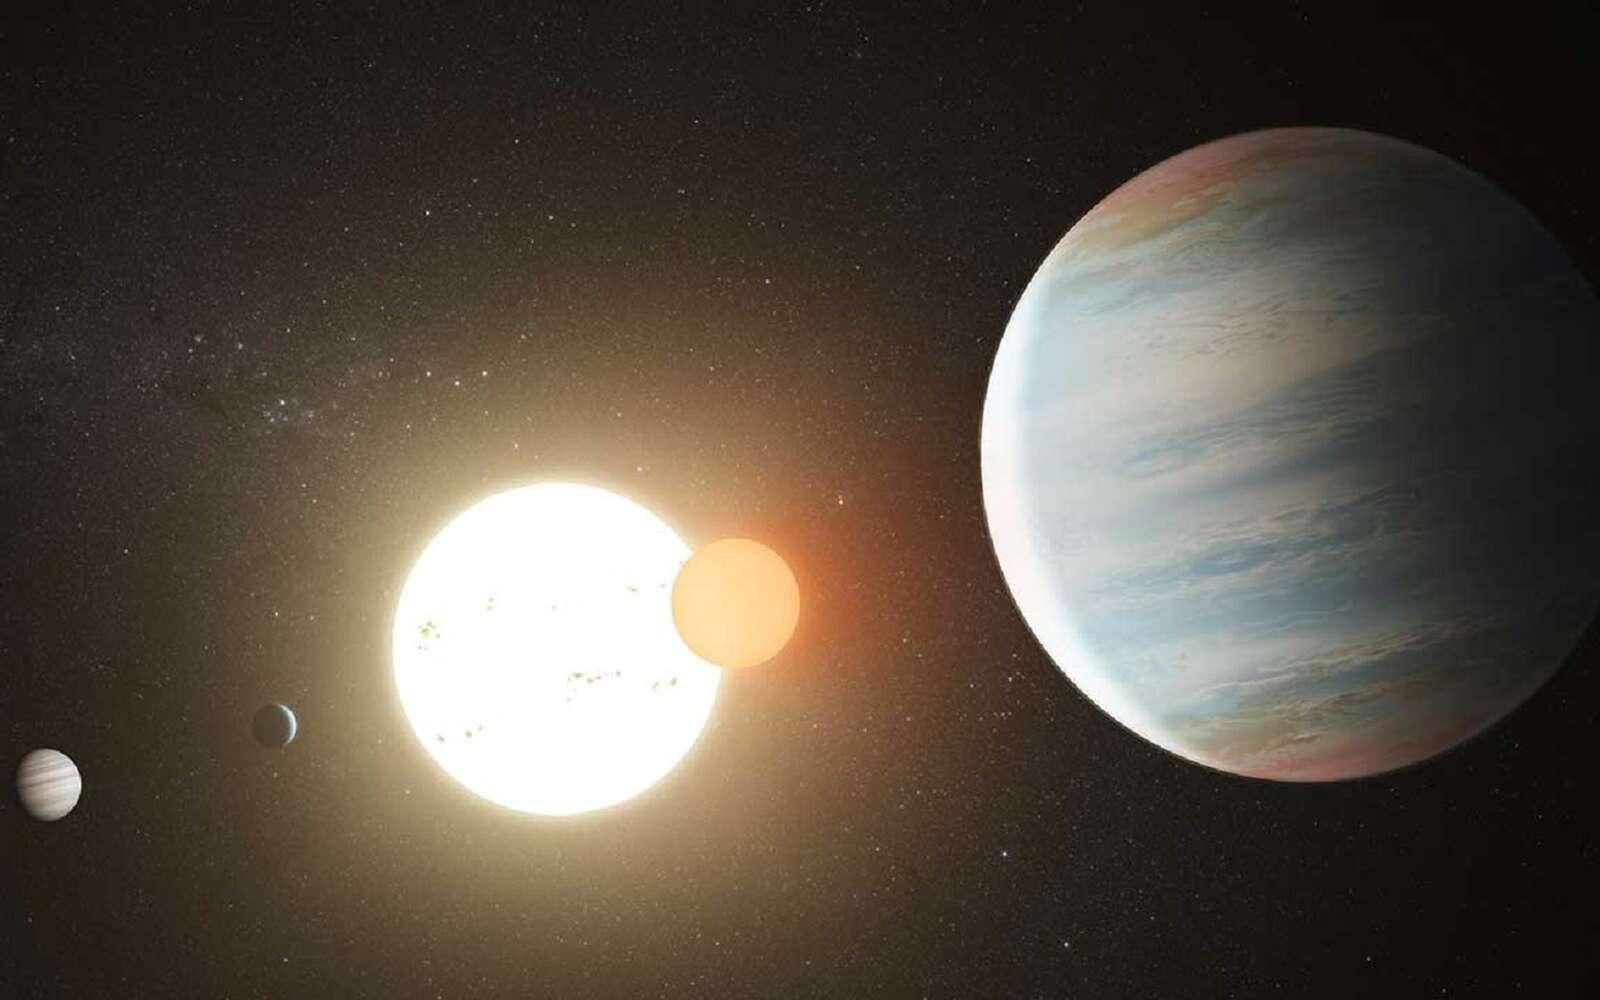 Vue d'artiste des trois exoplanètes en orbite autour de l'étoile double Kepler 47. © Nasa/JPL Caltech/T. Pyle